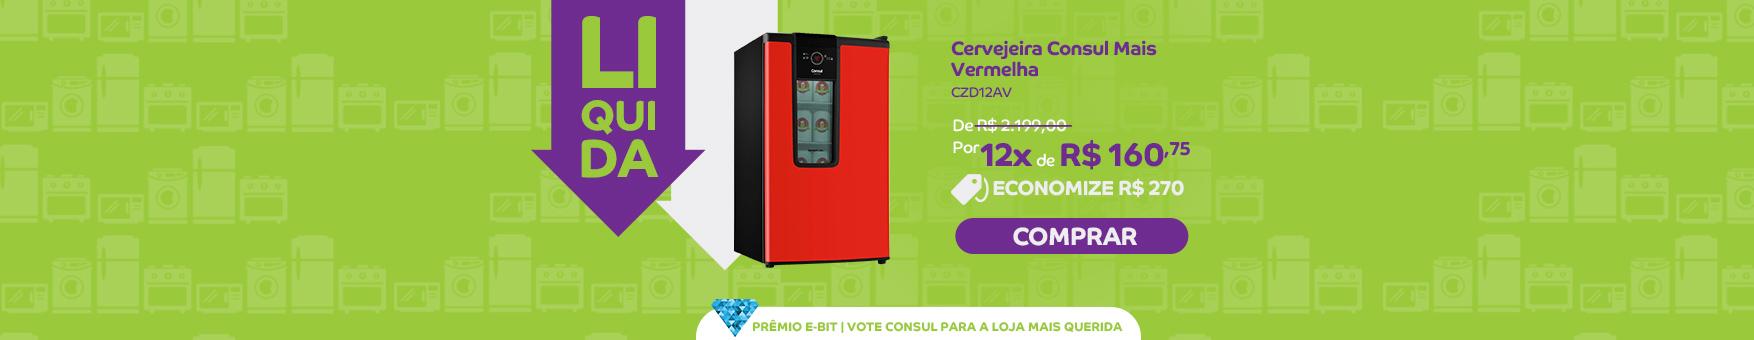 Promoção Interna - 104 - liquida_czd12av_home_29062015 - czd12av - 6